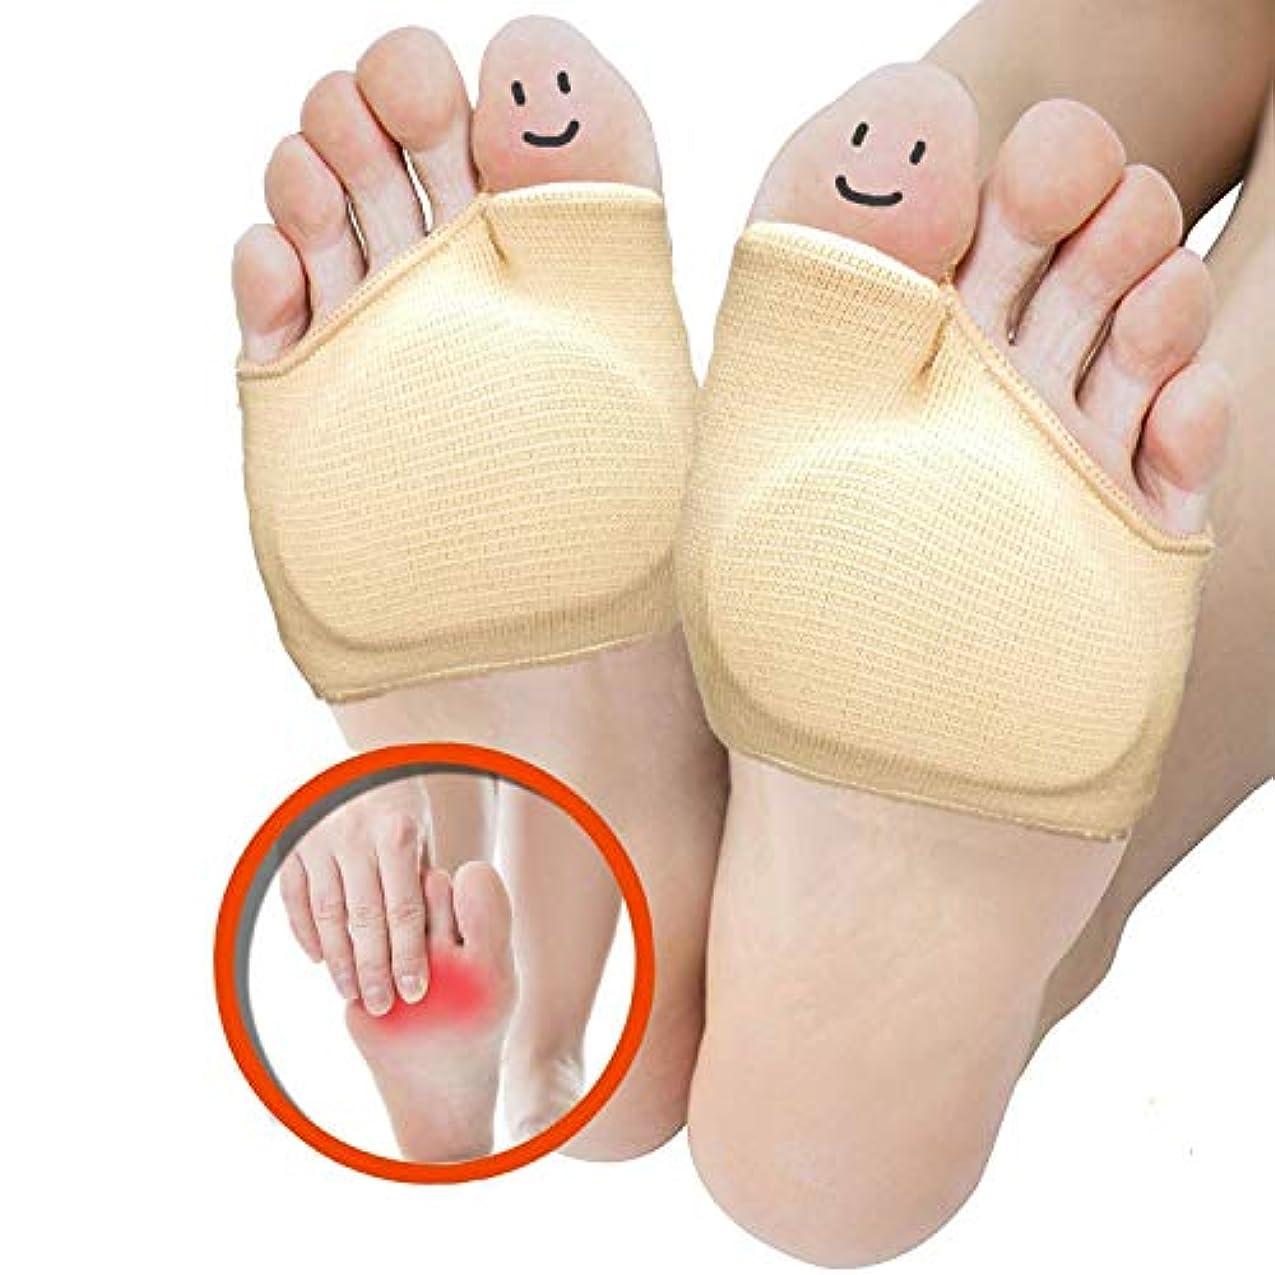 納得させる辛い保全中足骨スリーブパッド、足の前部の足裏ゲルパッド付き半つま先腱板クッション糖尿病性足用クッション中足骨モートン神経腫角質水疱を防ぐ